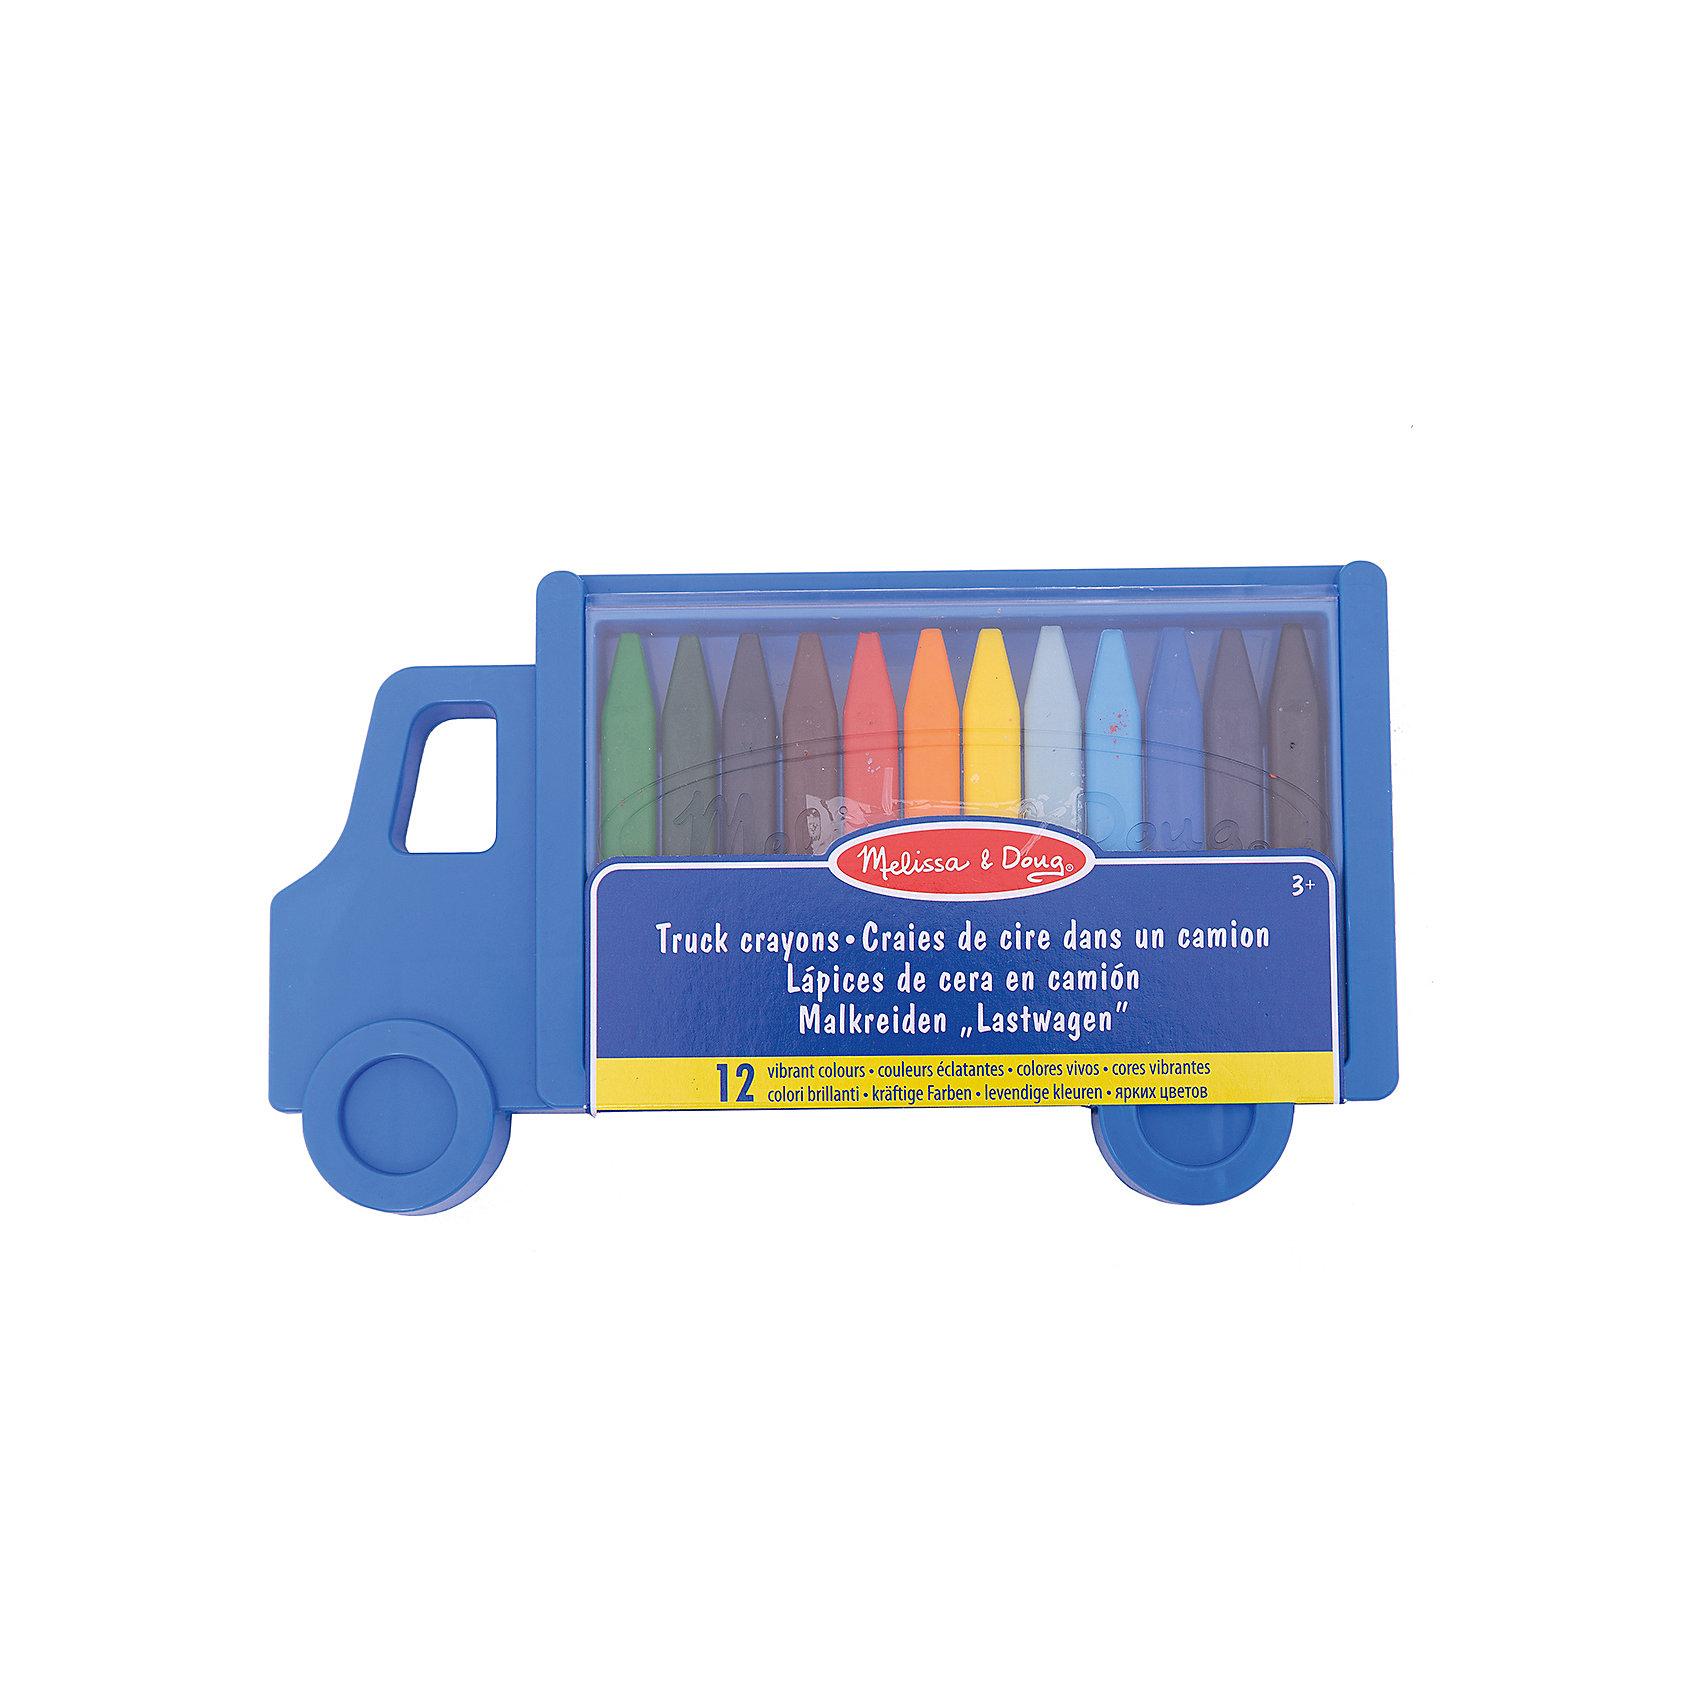 Набор Грузовик с карандашами, 12 цветовРисование<br>Набор карандашей обрадует любого ребенка!  <br>Он будет с большим удовольствием рисовать на уроках и дома. Карандаши выполнены из качественного материала и имеют удобную треугольную форму.<br><br>Дополнительная информация:<br><br>- Возраст: от 3 лет.<br>- 12 цветов.<br>- Длина карандаша: 8 см.<br>- Толщина: 1 см.<br>- Размер упаковки: 20х2х12 см.<br><br>Купить набор Грузовик с карандашами можно в нашем магазине.<br><br>Ширина мм: 200<br>Глубина мм: 20<br>Высота мм: 120<br>Вес г: 160<br>Возраст от месяцев: 36<br>Возраст до месяцев: 120<br>Пол: Мужской<br>Возраст: Детский<br>SKU: 4865272